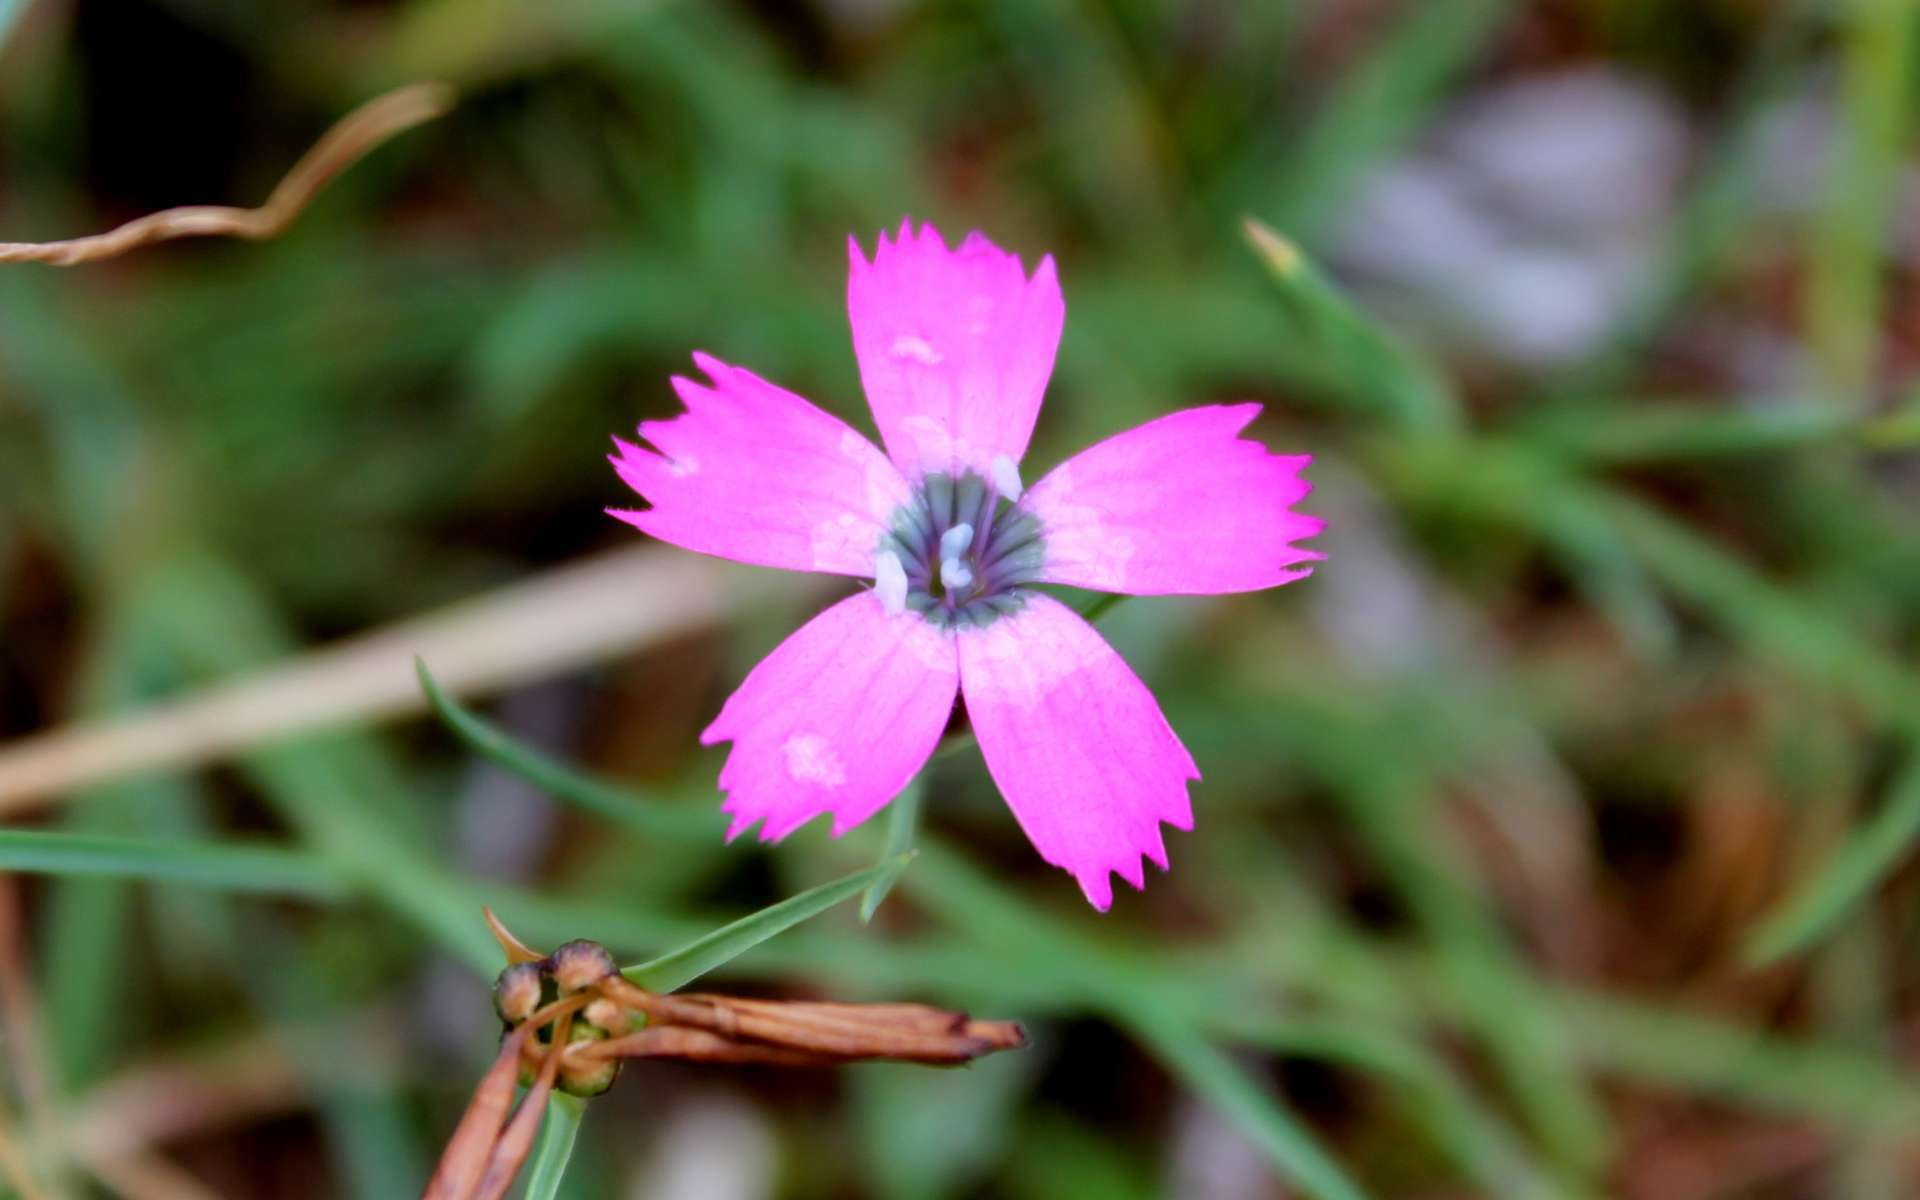 Oeillet négligé - fleur (Crédits : Léa Charbonnier)